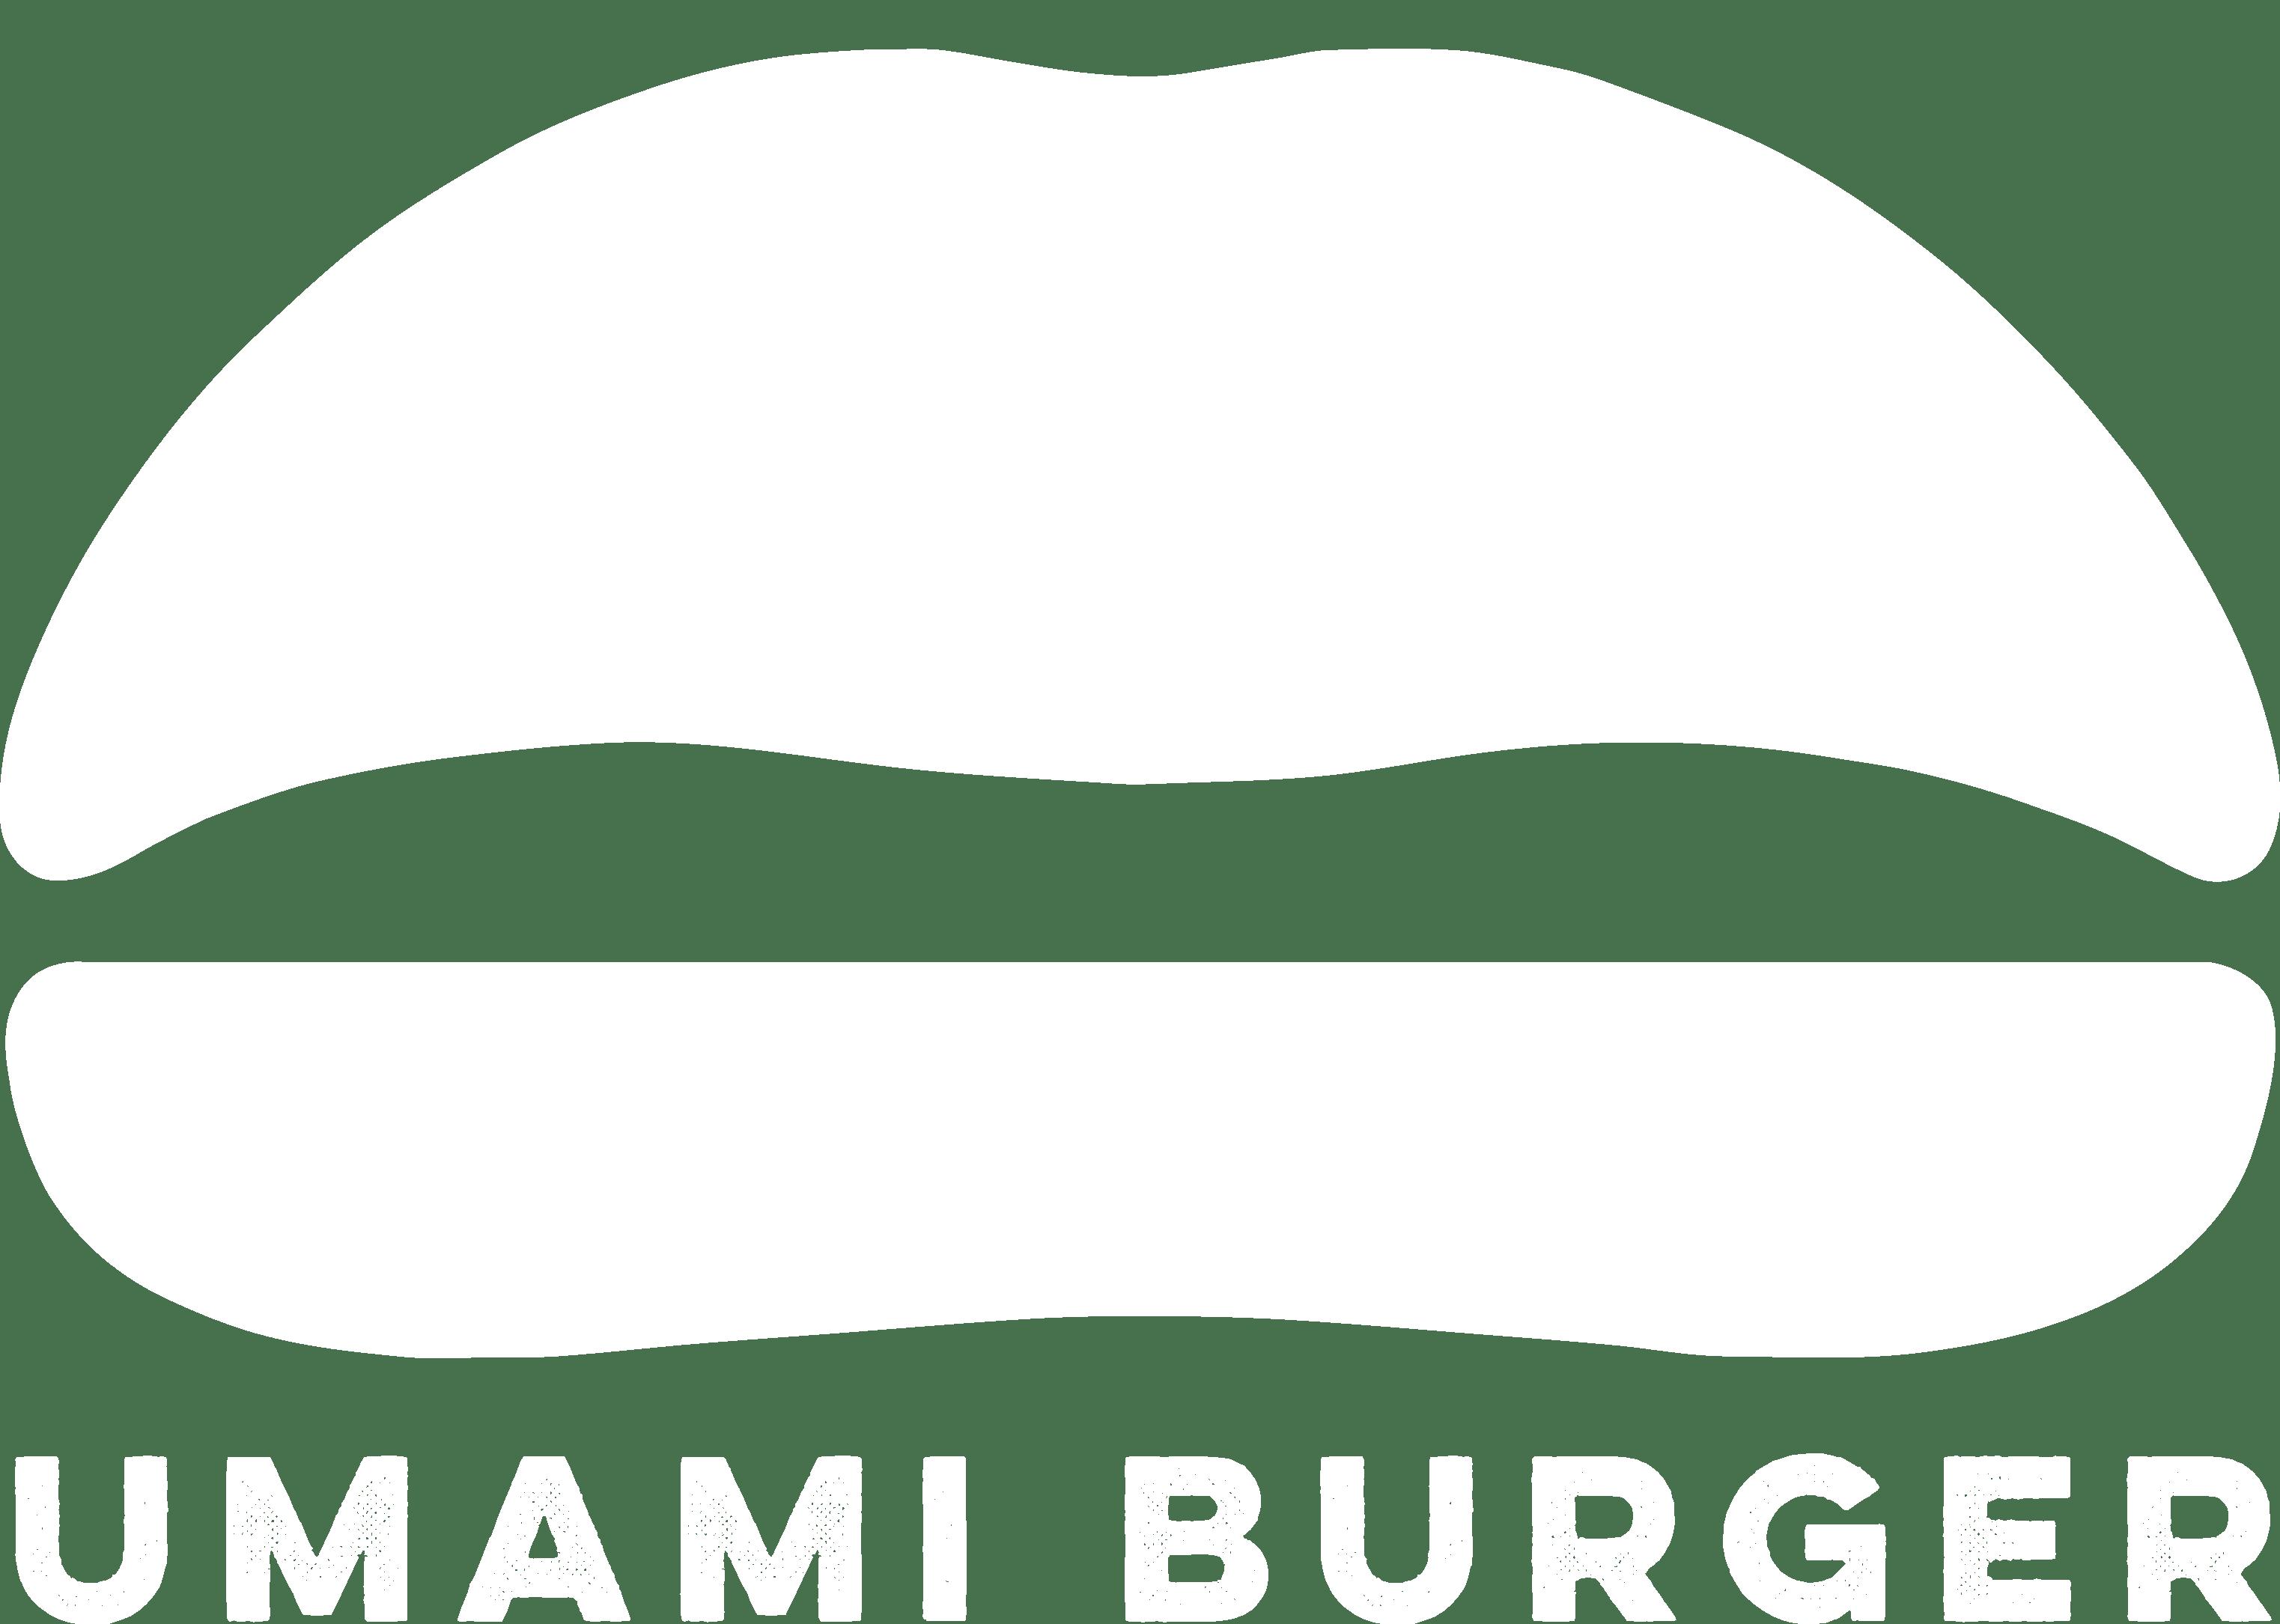 Umami Burger | SBE.com